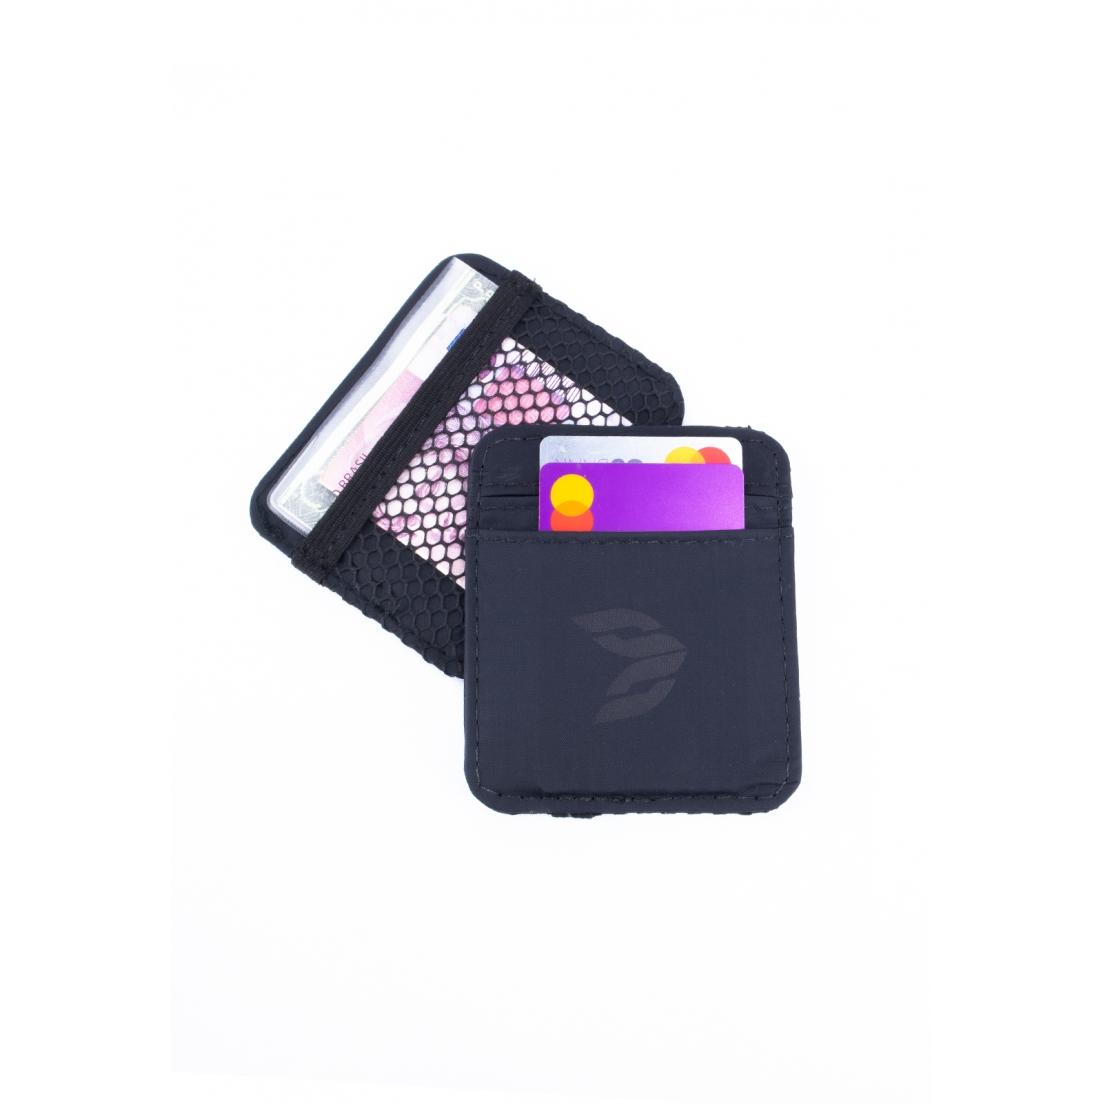 Porta Cartão Cisco Skate Seta Black